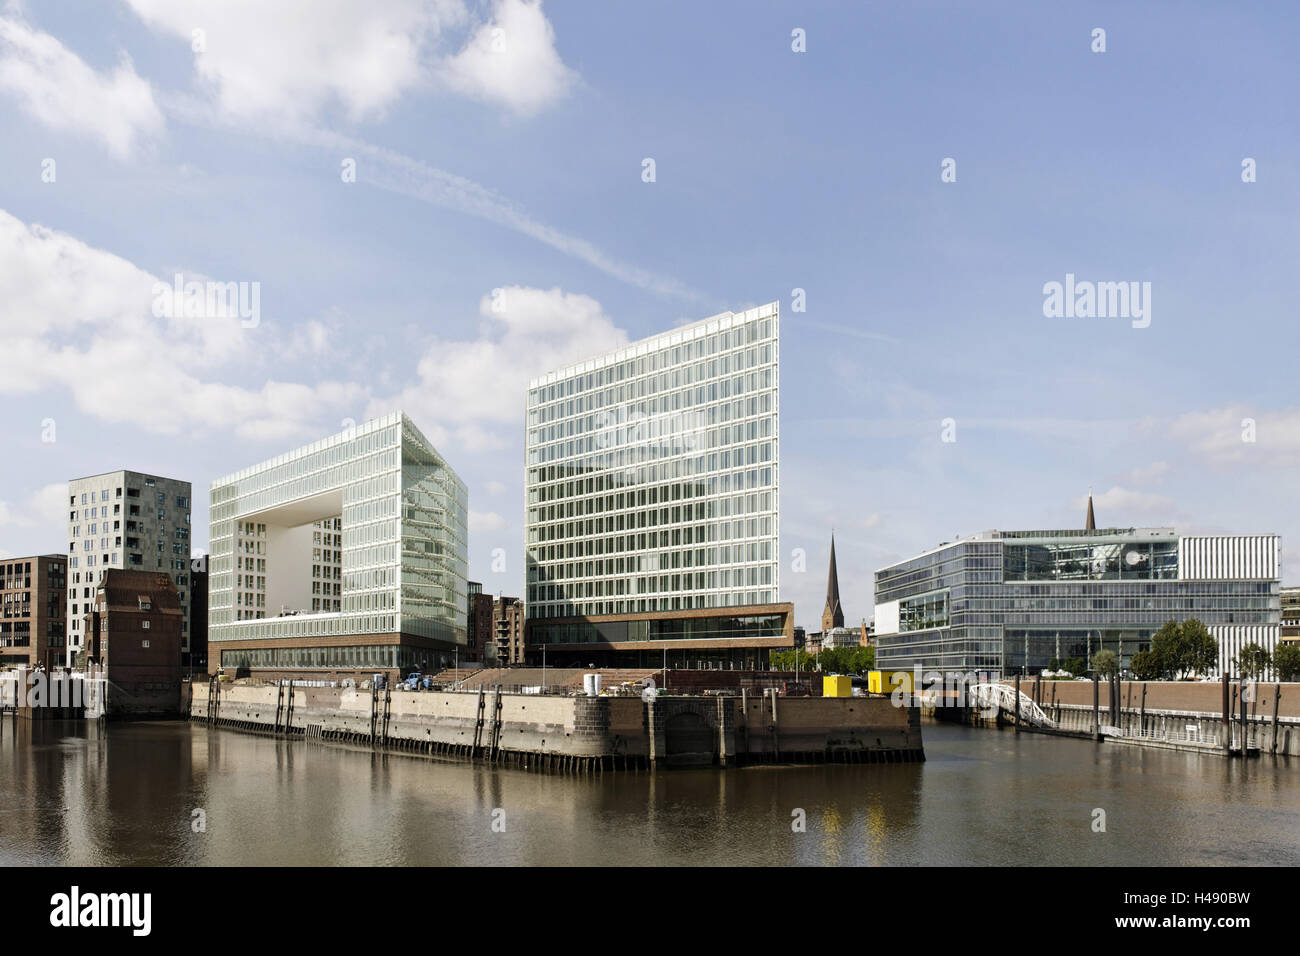 Spiegel stockfotos spiegel bilder alamy for Spiegel verlag berlin